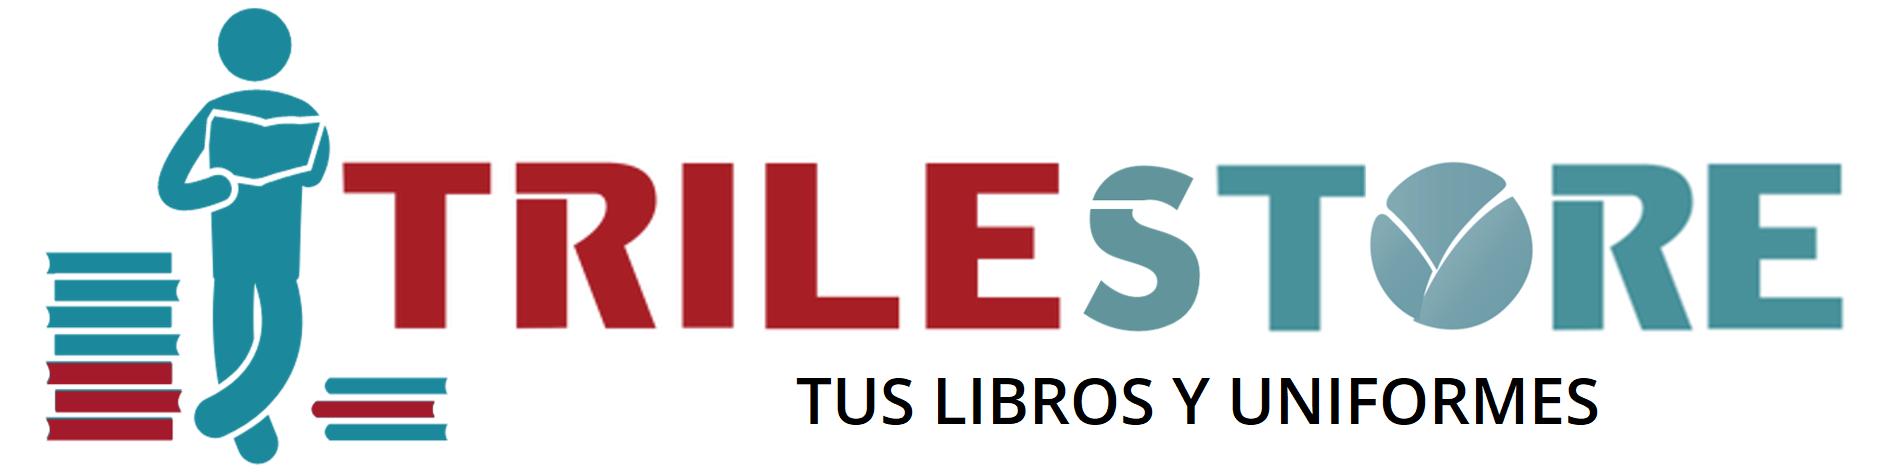 Tienda TrilemaStore, tus libros y unifformes